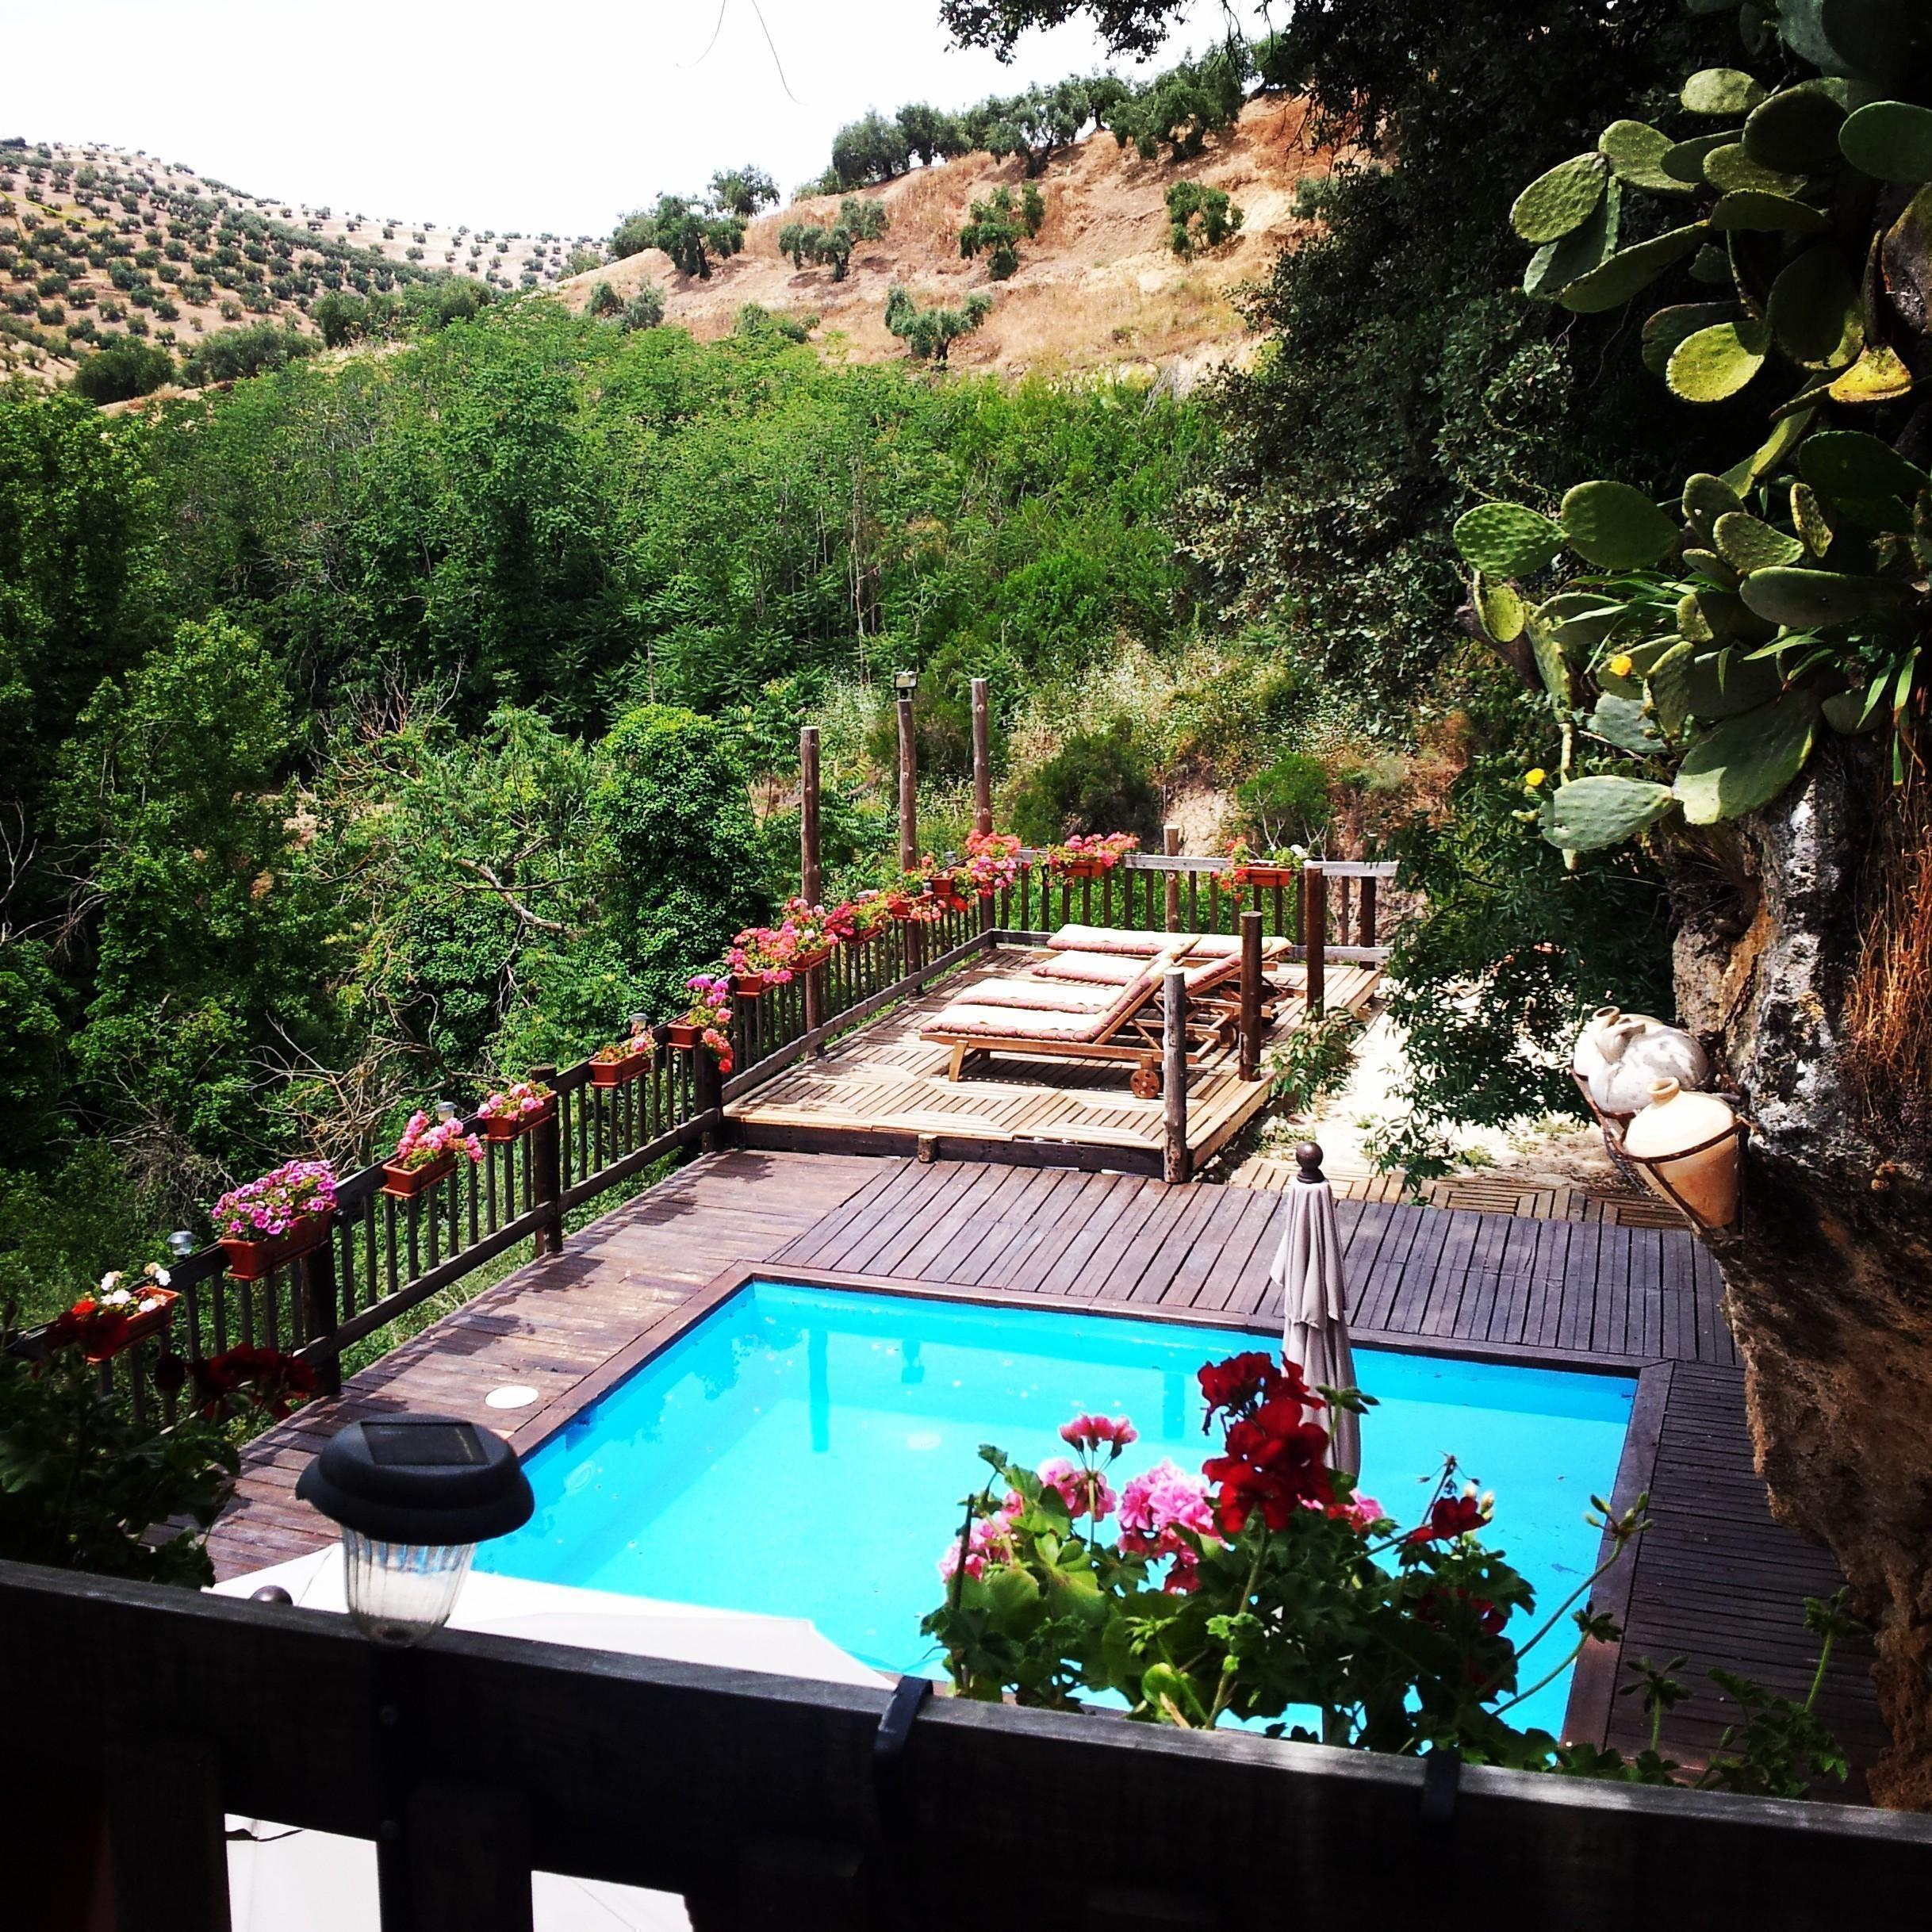 Ferienhaus mit Privatpool für 7 Personen  + 1  in Spanien